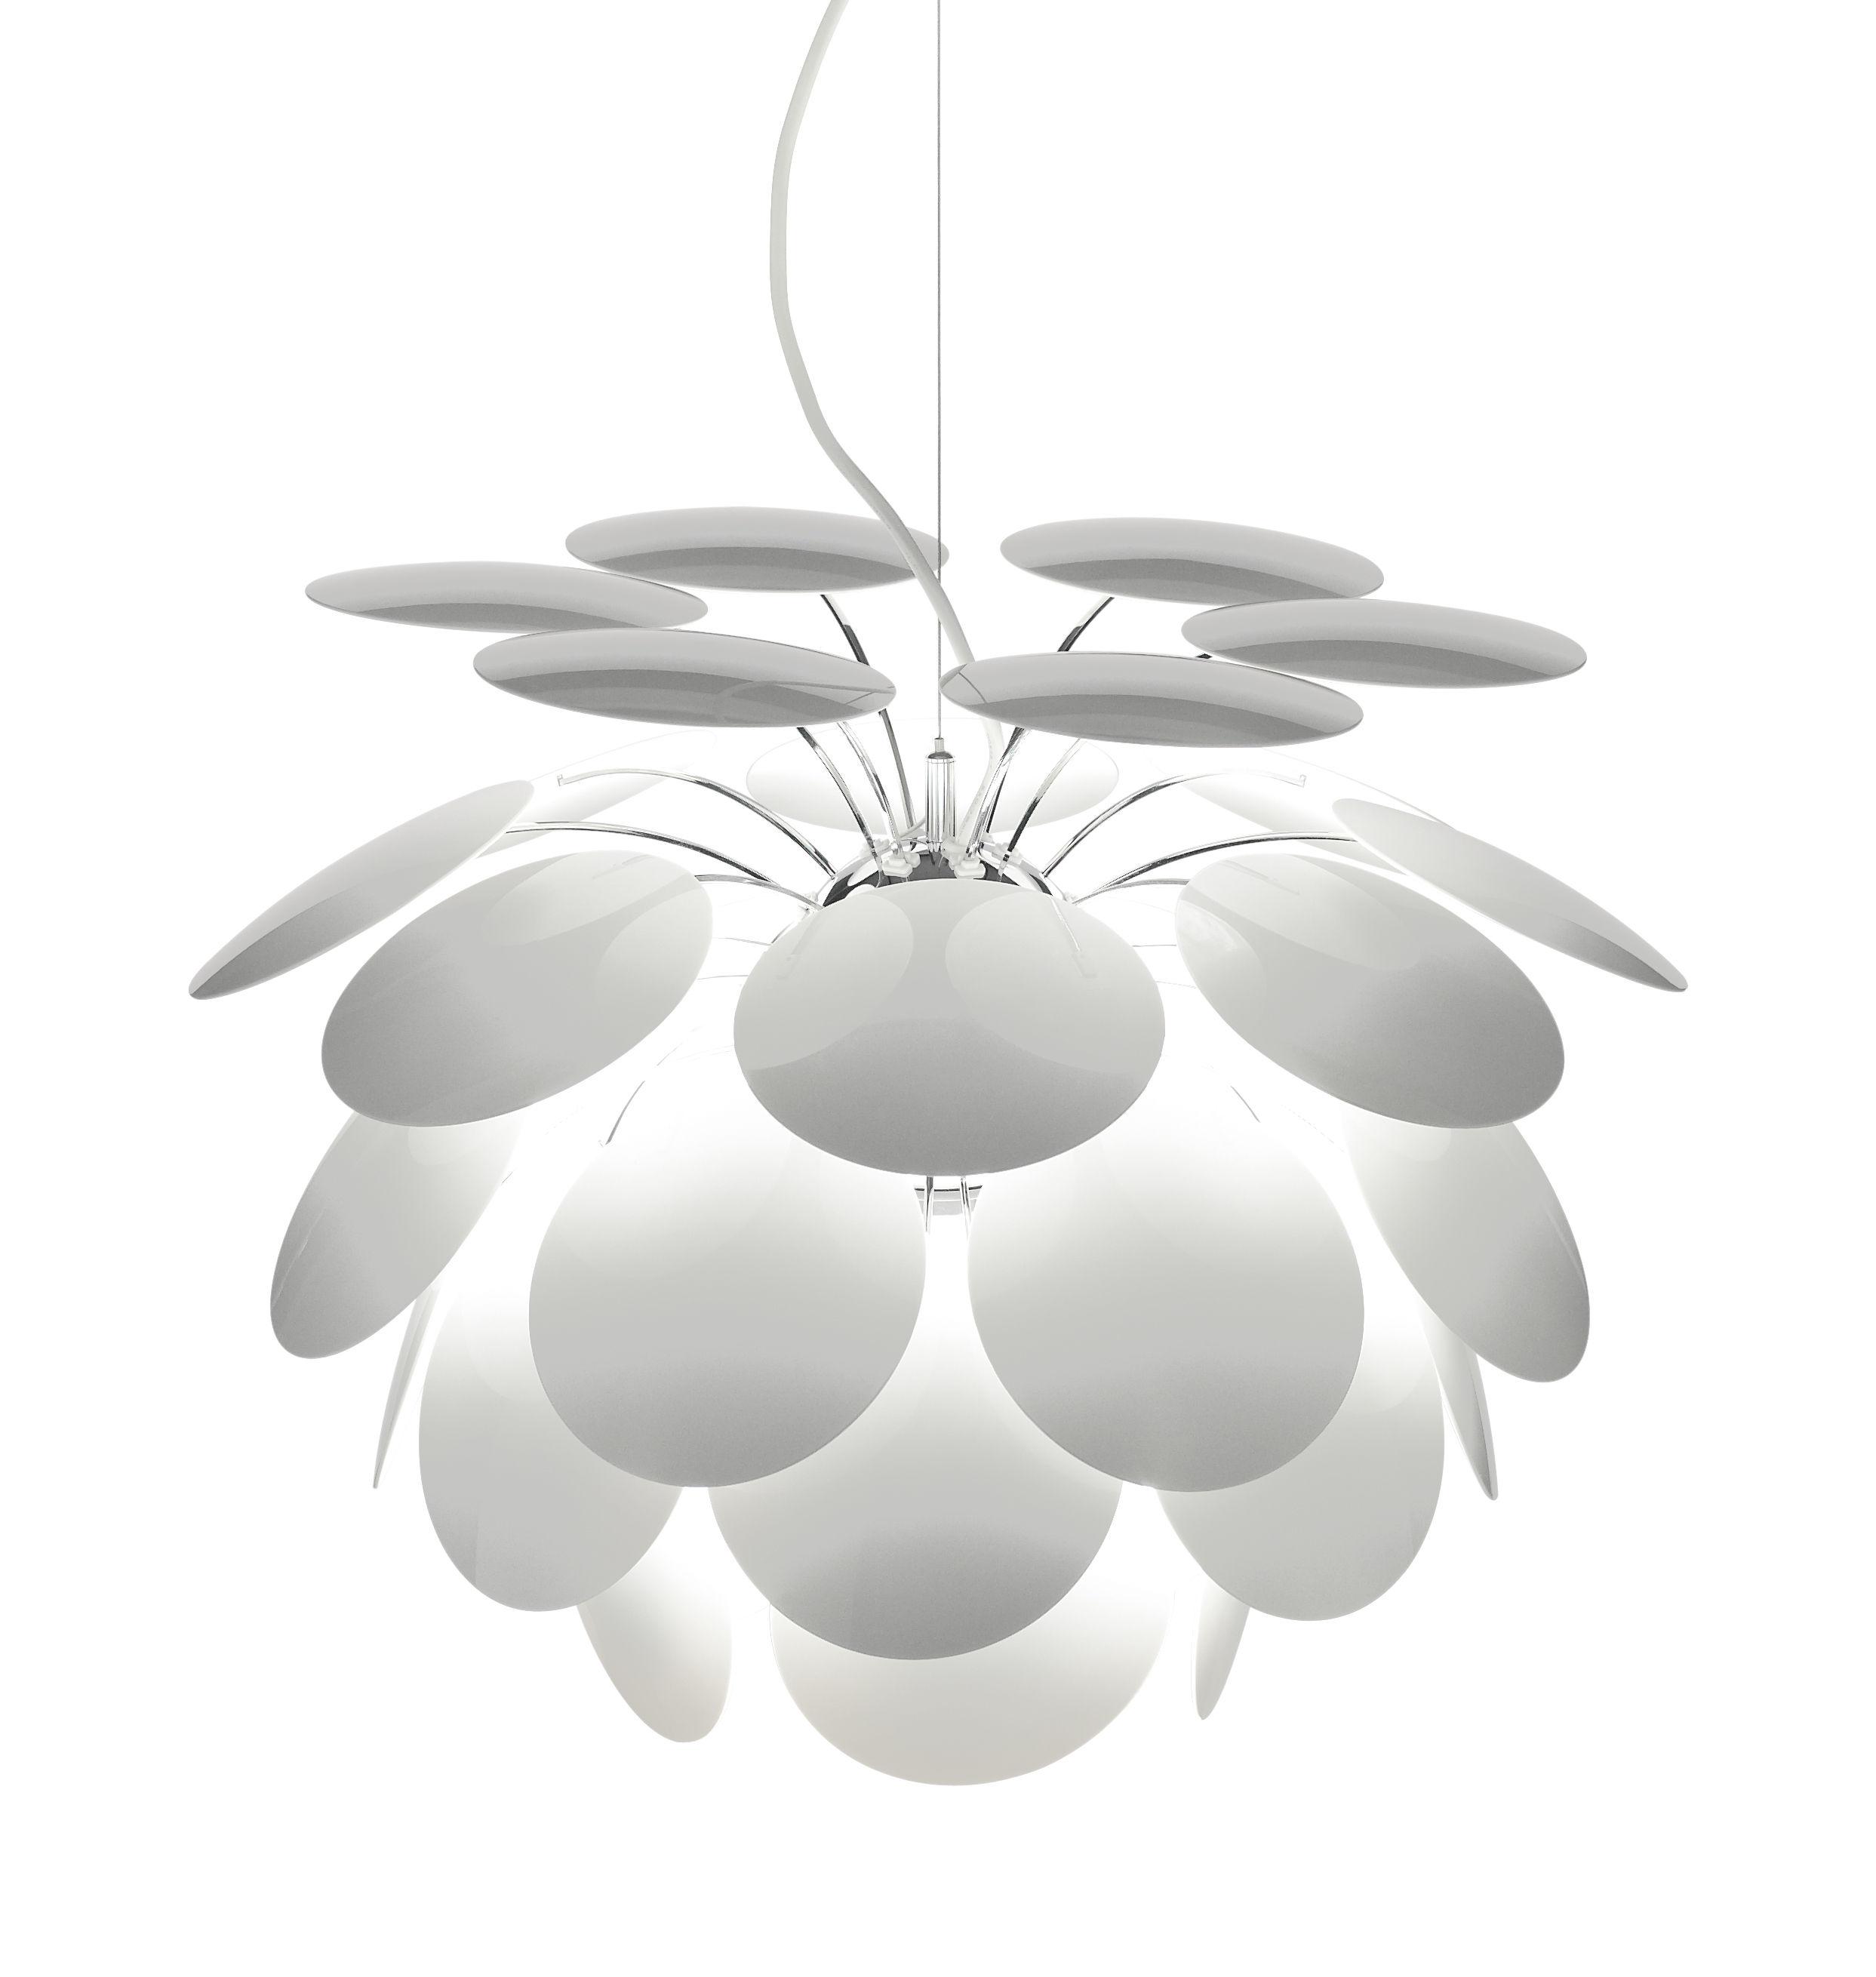 Luminaire - Suspensions - Suspension Discocó / Ø 35 cm - Marset - Blanc - ABS